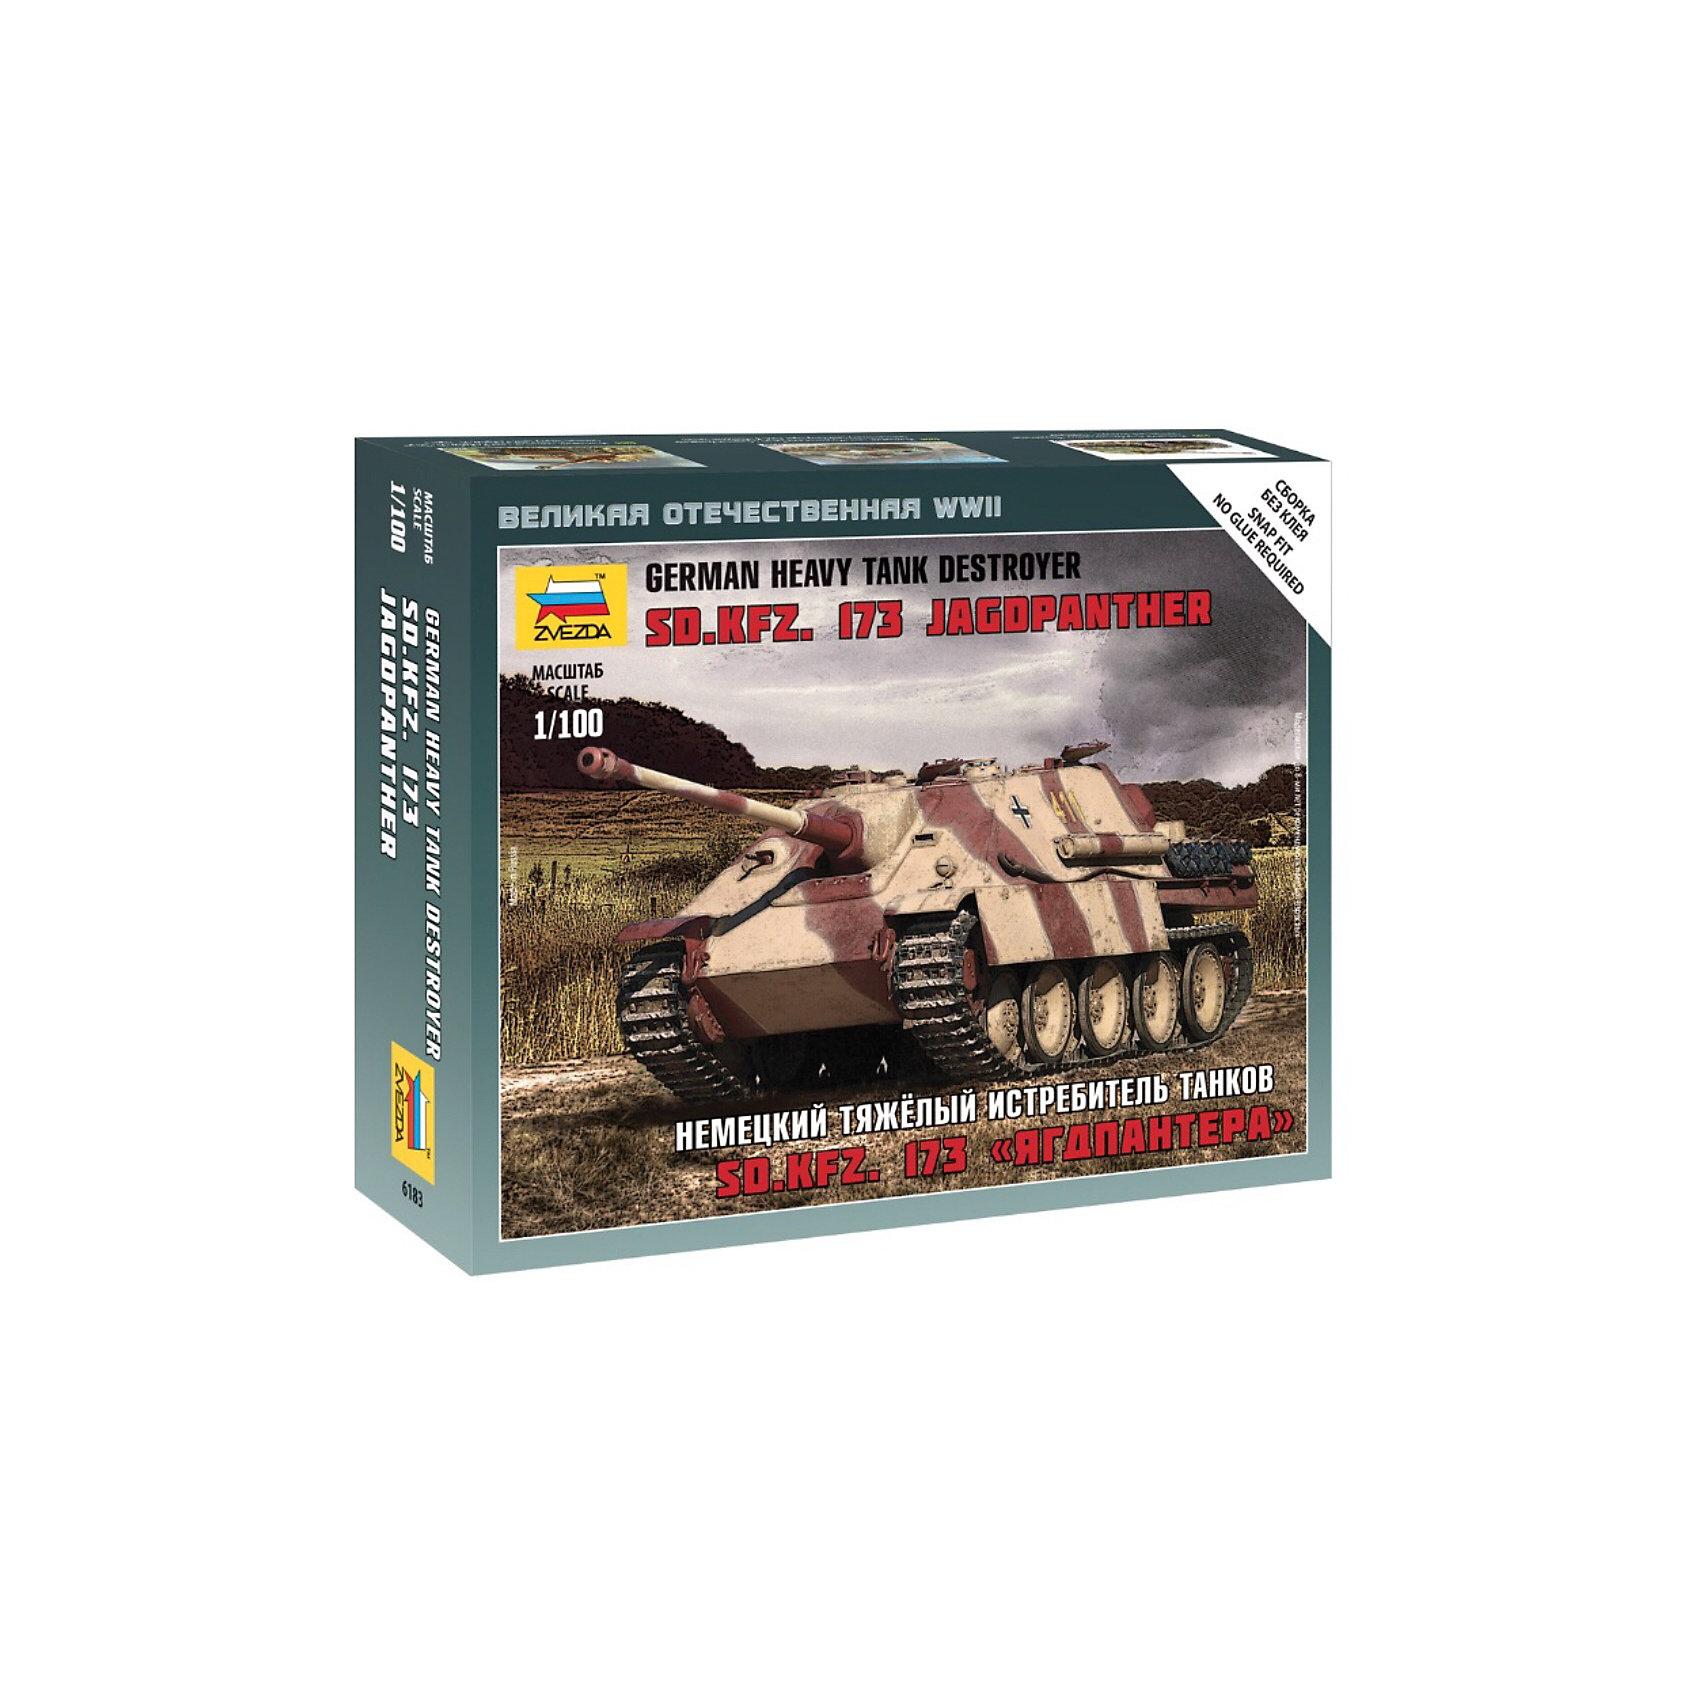 Сборная модель Звезда Немецкия тяжелый истребитель танков Ягдпантера, 1:100 (сборка без клея)Модели для склеивания<br>Модель сборная Немецкий тяжяжёлый истребитель танков Ягдпантера<br><br>Ширина мм: 129<br>Глубина мм: 162<br>Высота мм: 38<br>Вес г: 65<br>Возраст от месяцев: 36<br>Возраст до месяцев: 180<br>Пол: Мужской<br>Возраст: Детский<br>SKU: 7086477